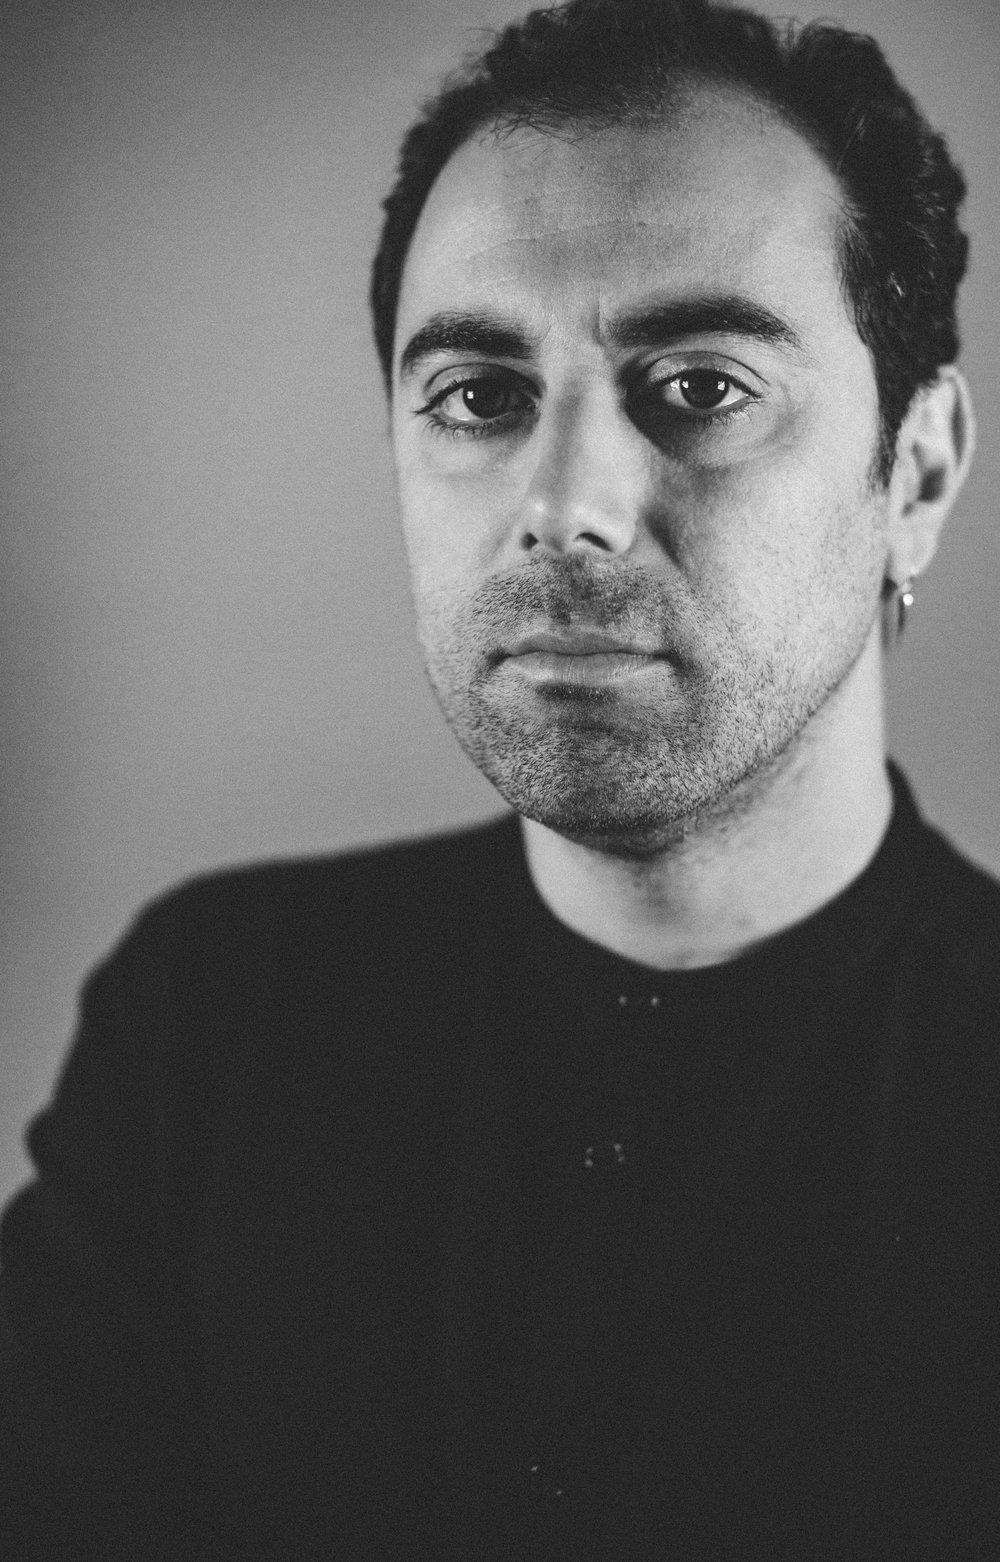 """Ziad Kalthoum - ... wurde 1981 in Homs (Syrien) geboren. Er hat an der Film-Hochschule in Moskau studiert und dort sein Diplom abgelegt. Danach arbeitete Kalthoum als Regieassistent an mehreren Filmen, Serien und Fernsehprogrammen. Sein Dokumentarfilm-Debüt gab er 2011 mit AYDIL (OH, MY HEART). Ein Jahr später stellte er seinen zweiten Dokumentarfilm THE IMMORTAL SERGEANT fertig, bevor er aus der syrischen Armee desertierte und nach Beirut (Libanon) floh. Der Film hatte 2014 beim Internationalen Filmfestival von Locarno seine Premiere, gewann beim BBC Arabic Festival 2015 einen Preis in der Kategorie """"Feature Documentary"""" und wurde bei zahlreichen weiteren internationalen Festivals gezeigt. TASTE OF CEMENT – Der Geschmack von Zement ist sein dritter Film. Ziad Kalthoum lebt und arbeitet in Berlin."""